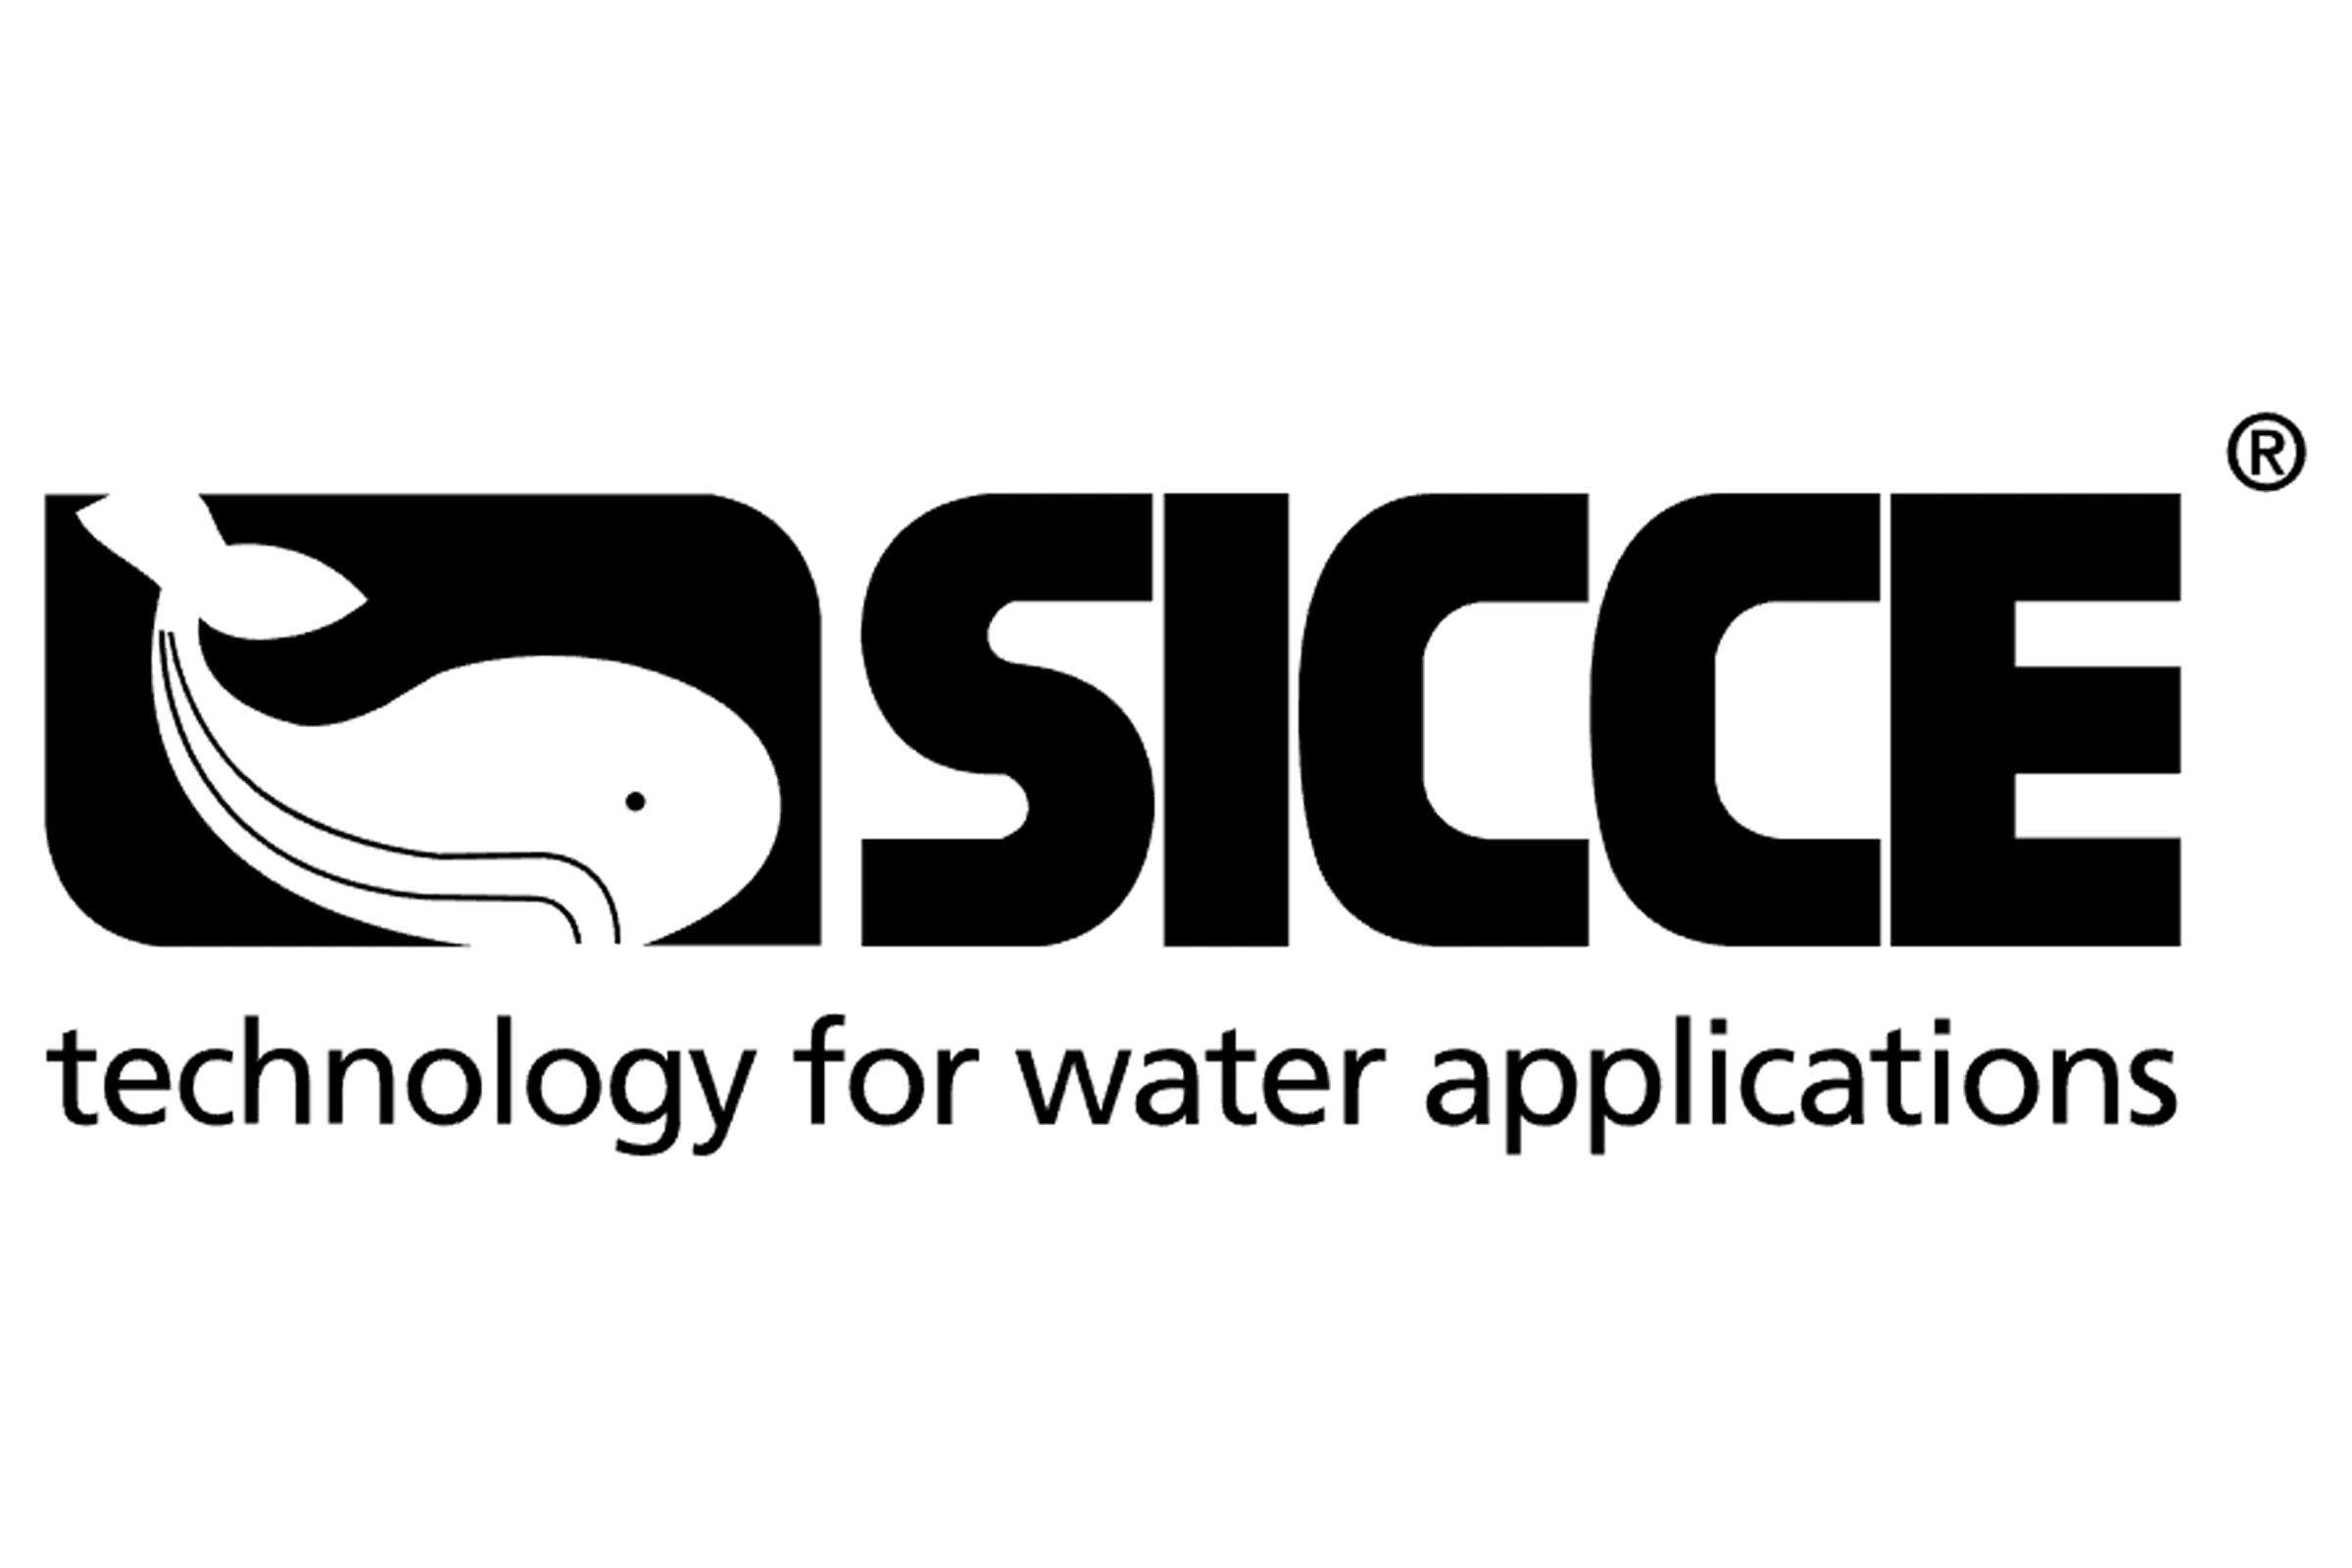 SICCE, Sponsor of the BIOTOPE AQUARIUM Contest